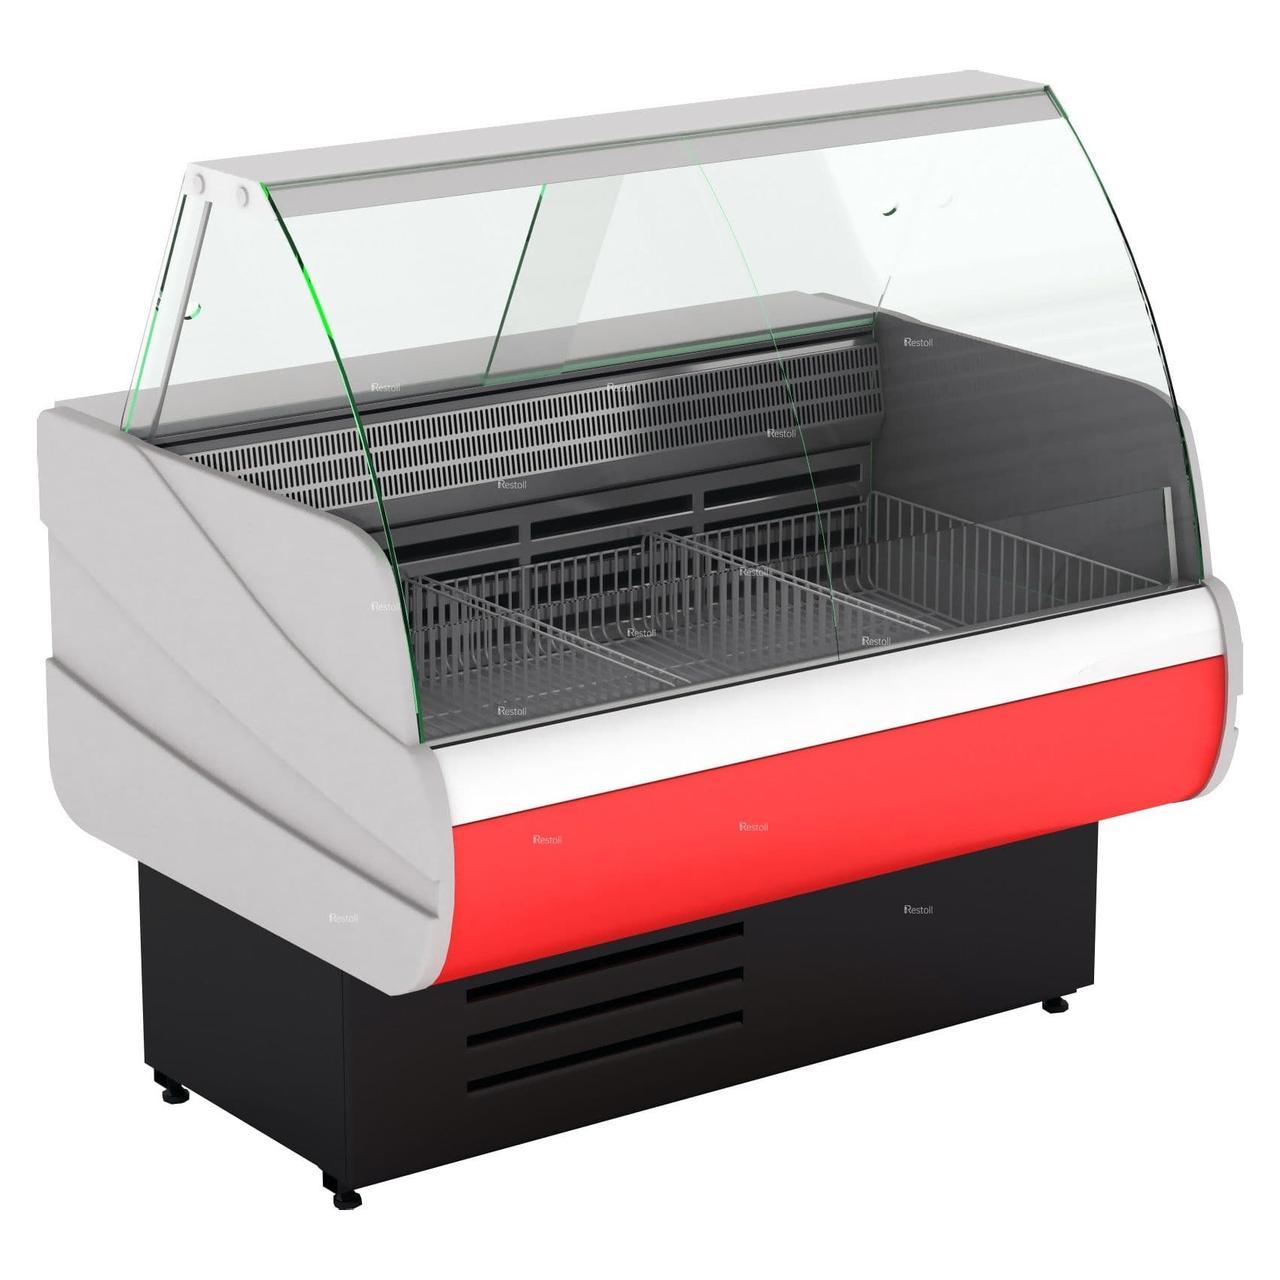 Витрина морозильная Cryspi Octava M 1500